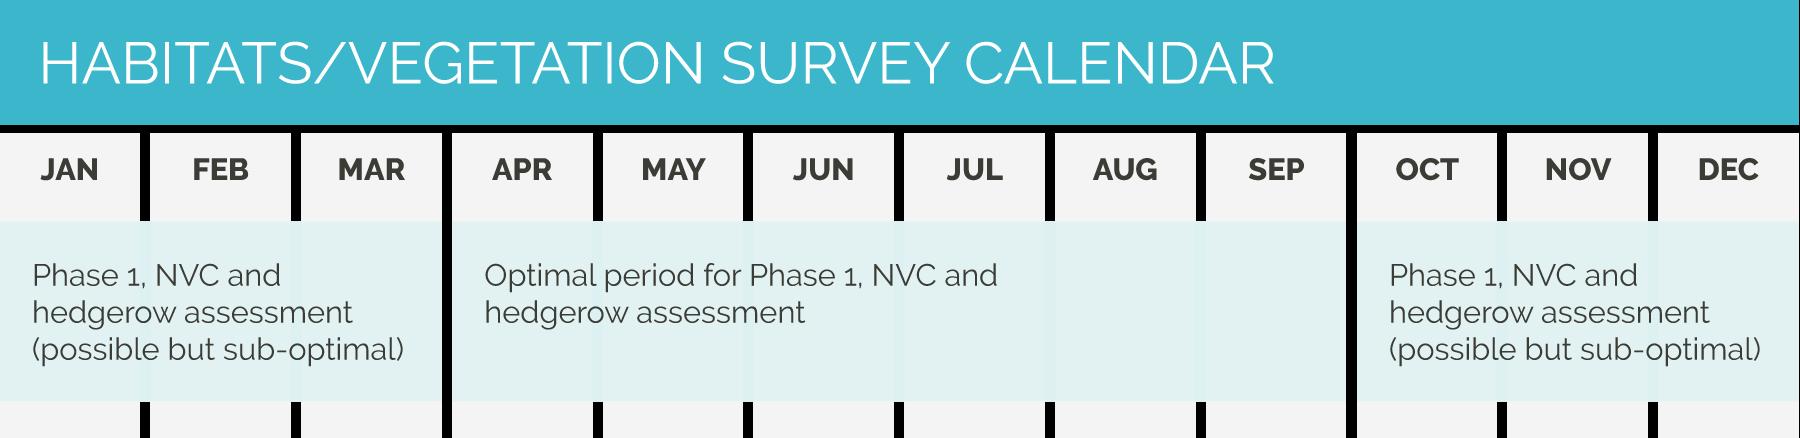 CSA calendar Habitats Vegetation survey